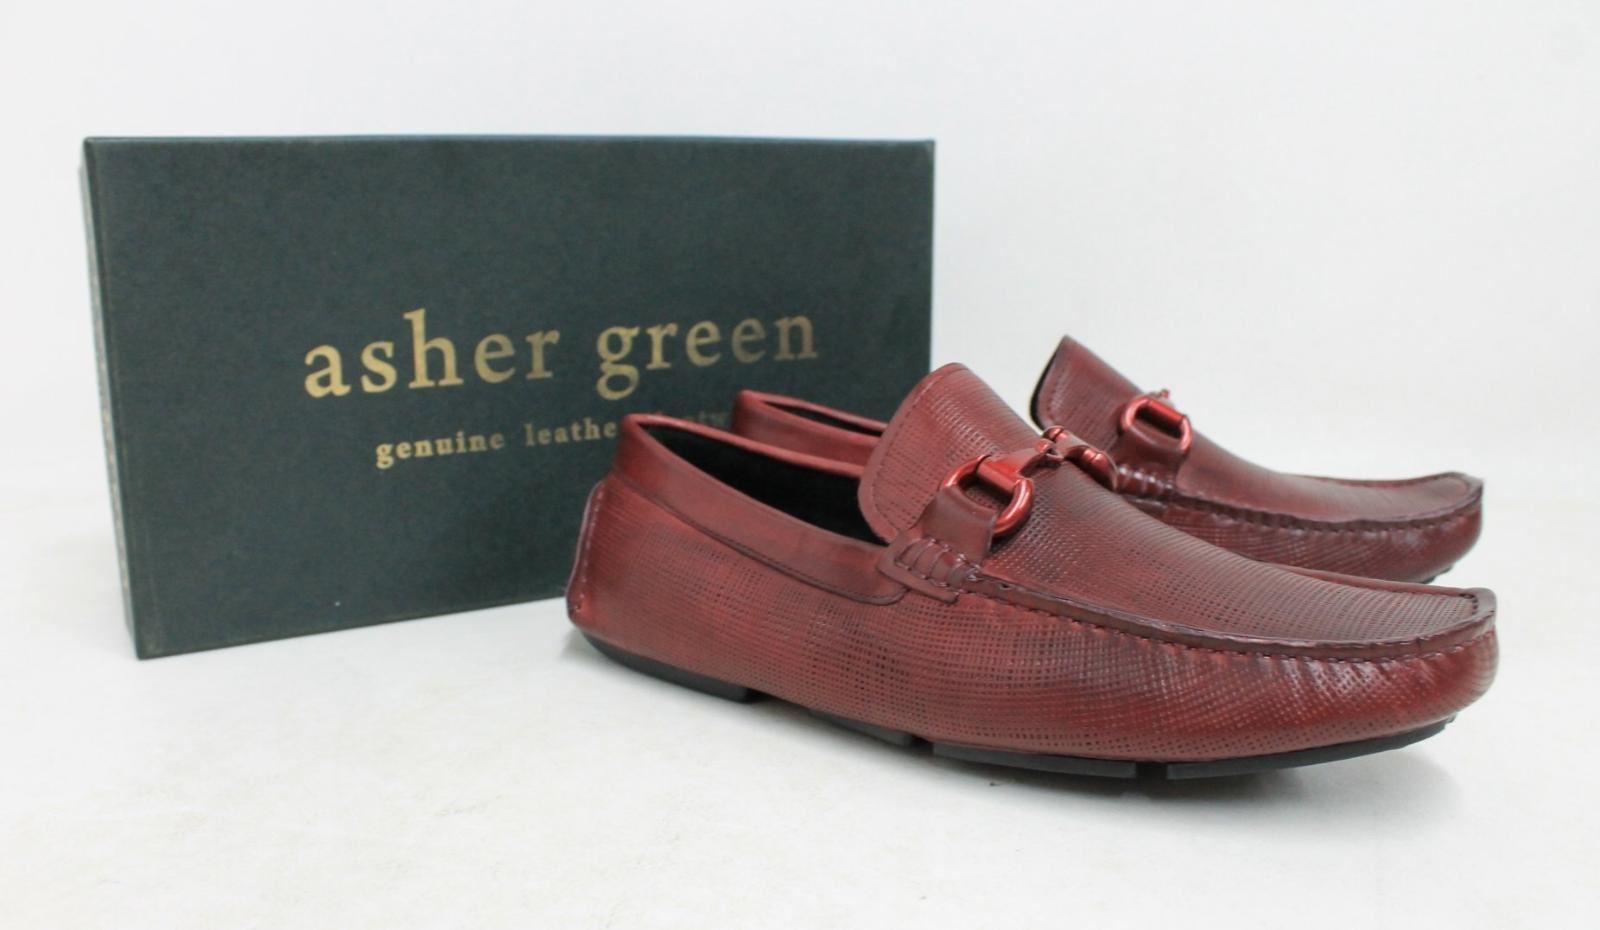 Asher-Verde-Uomo-Rosso-Bordeaux-in-Pelle-GUCCI-Mocassino-Tg-UK-8-US9-NUOVO-CON-SCATOLA